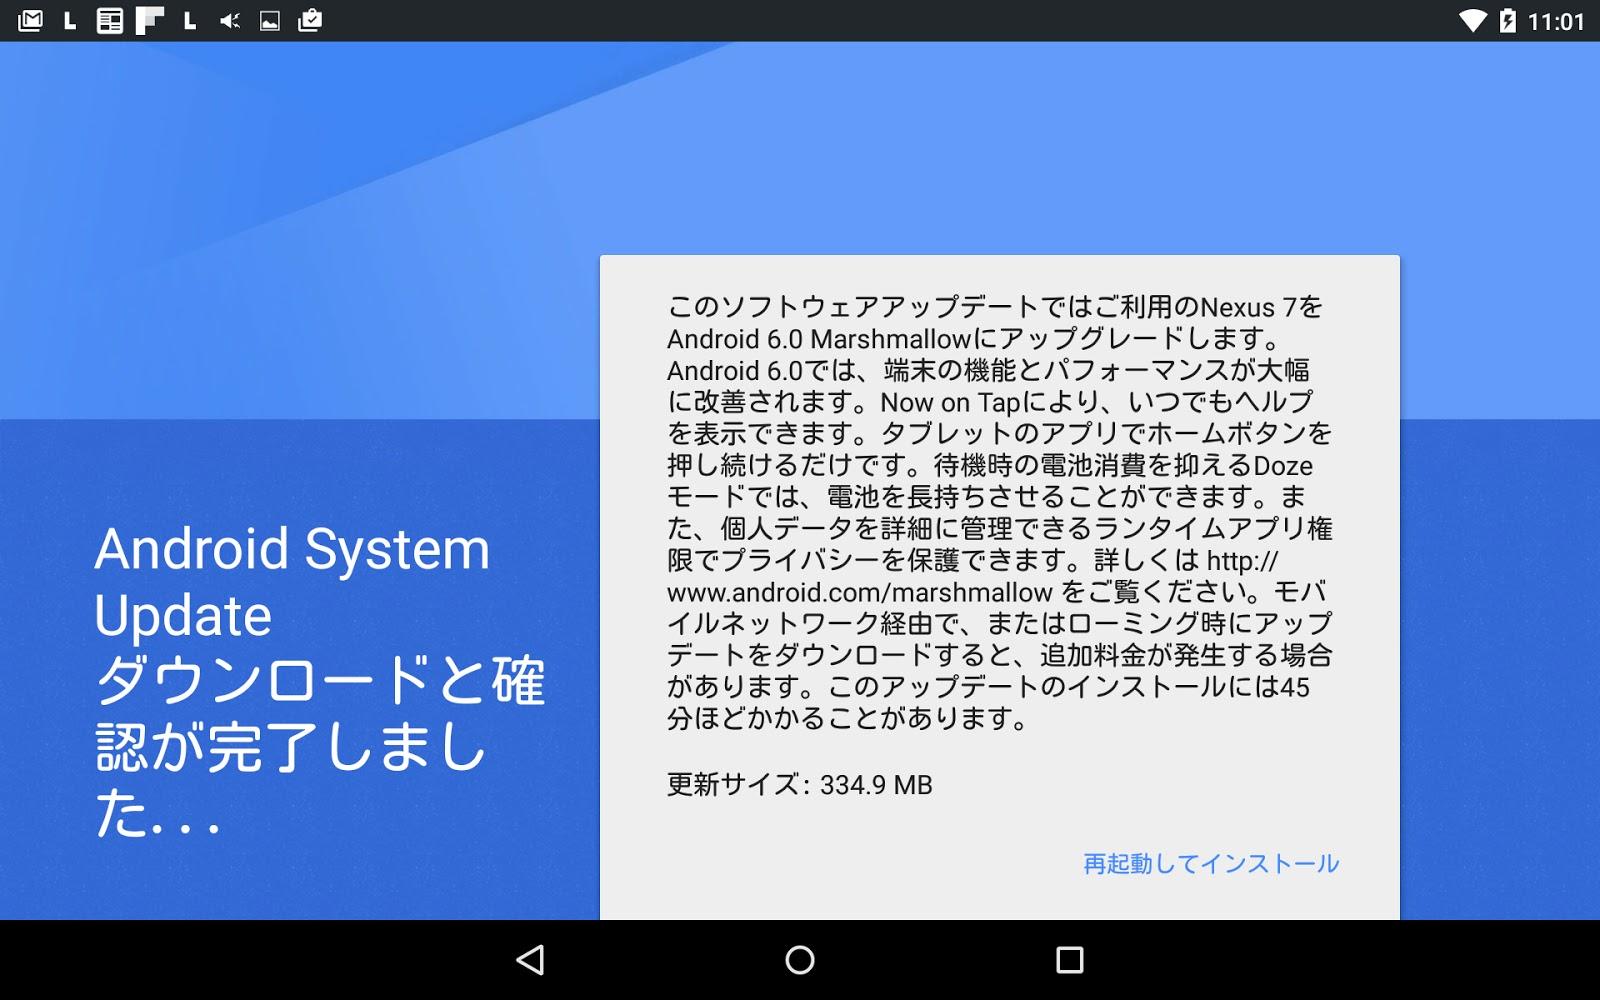 とくみつ録 Nexus7 13 に Android 6 0 Marshmallow システムアップデートがきました